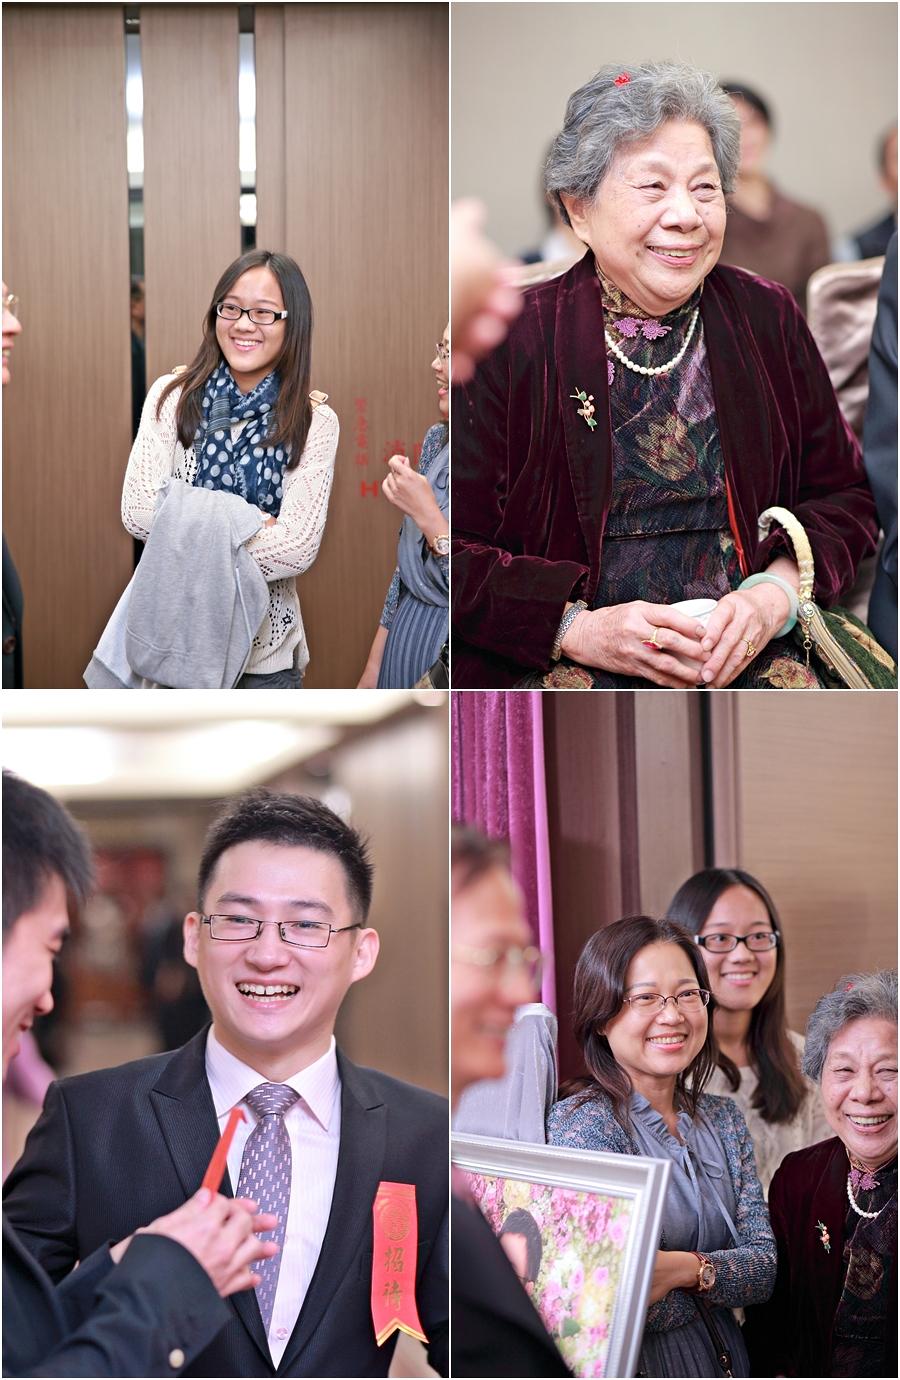 婚攝推薦,婚攝,婚禮記錄,搖滾雙魚,台台北福華大飯店,婚禮攝影